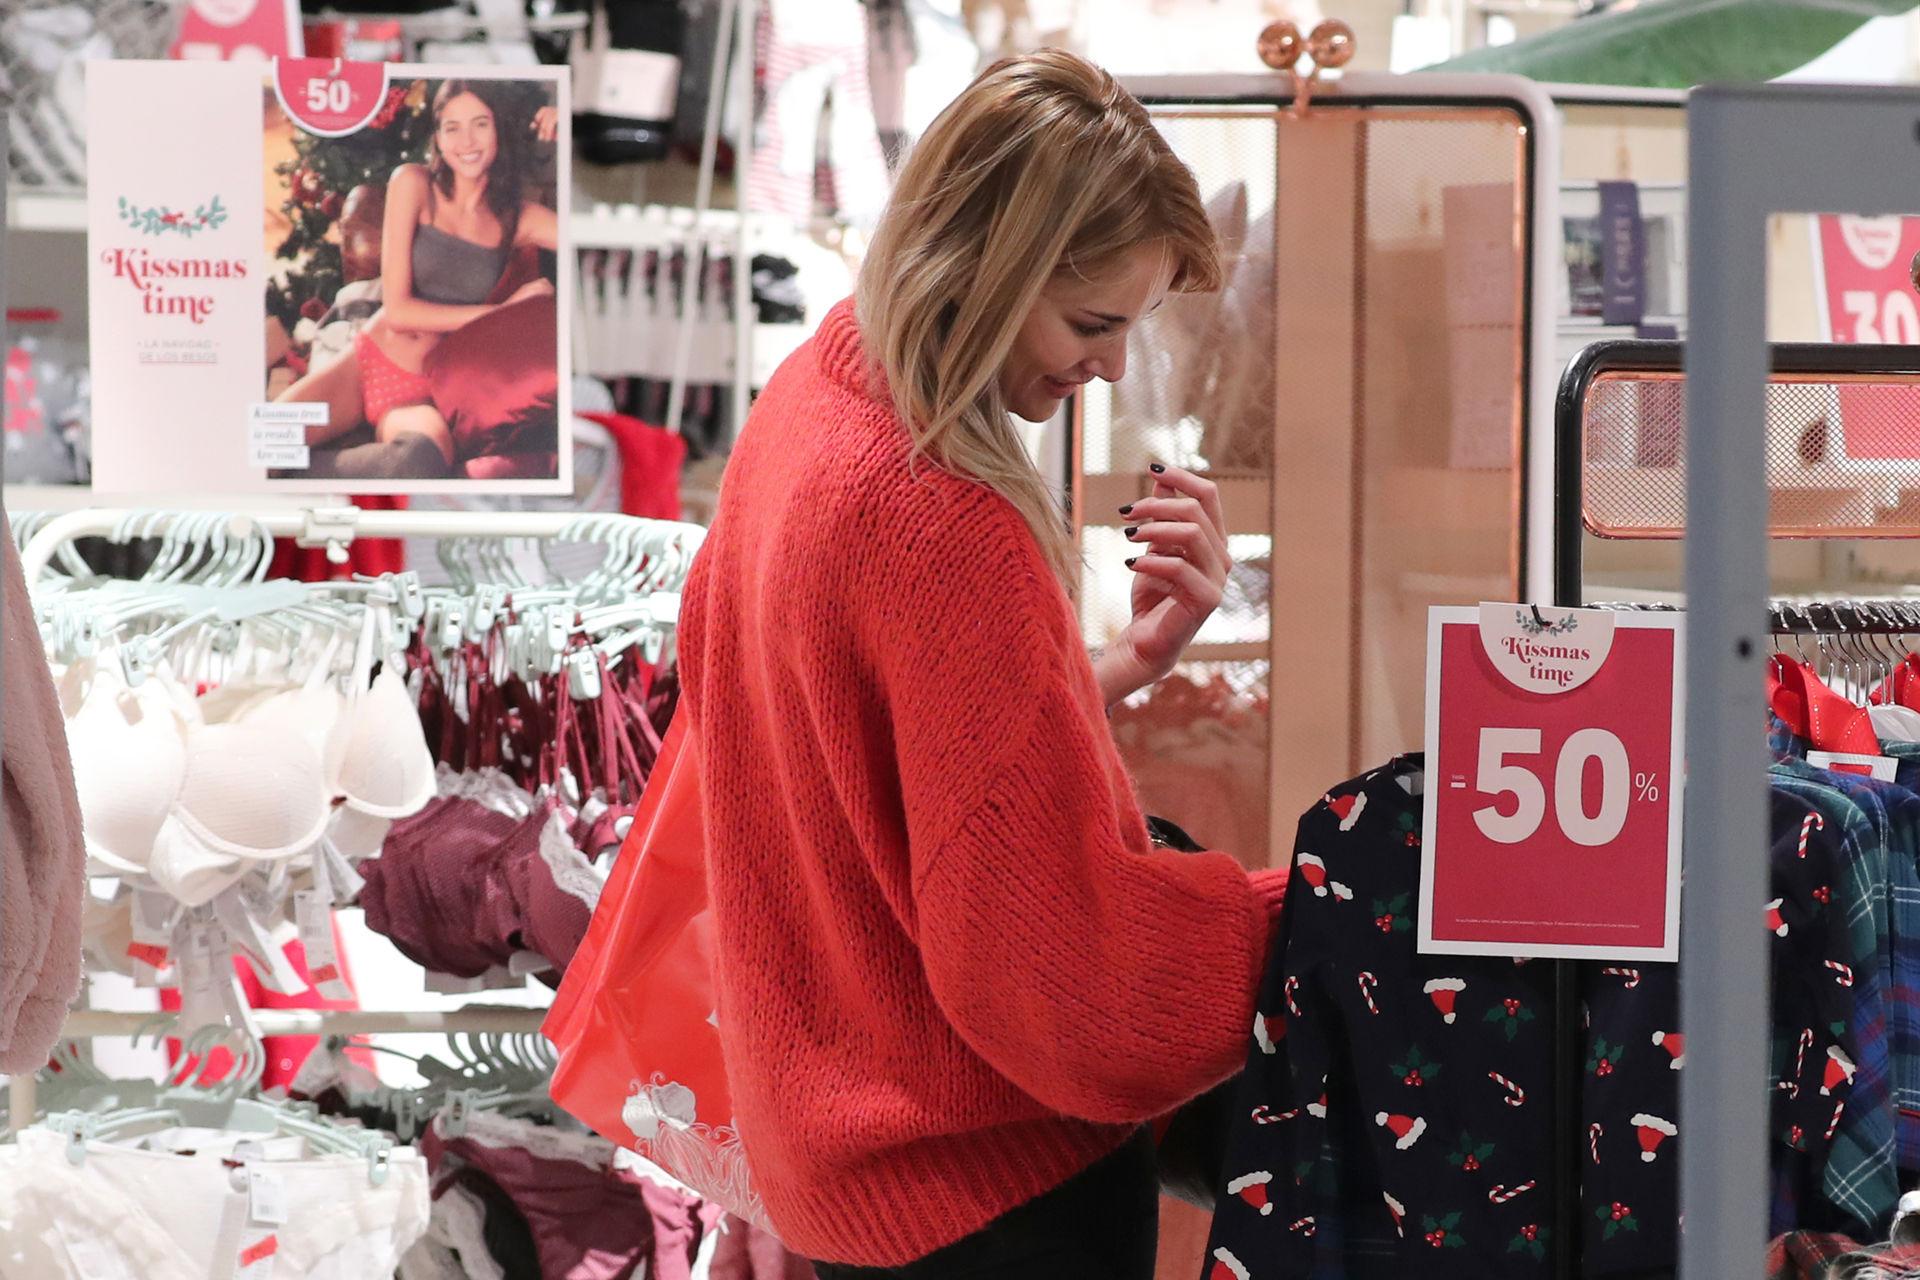 alba-carrillo-compras.jpg